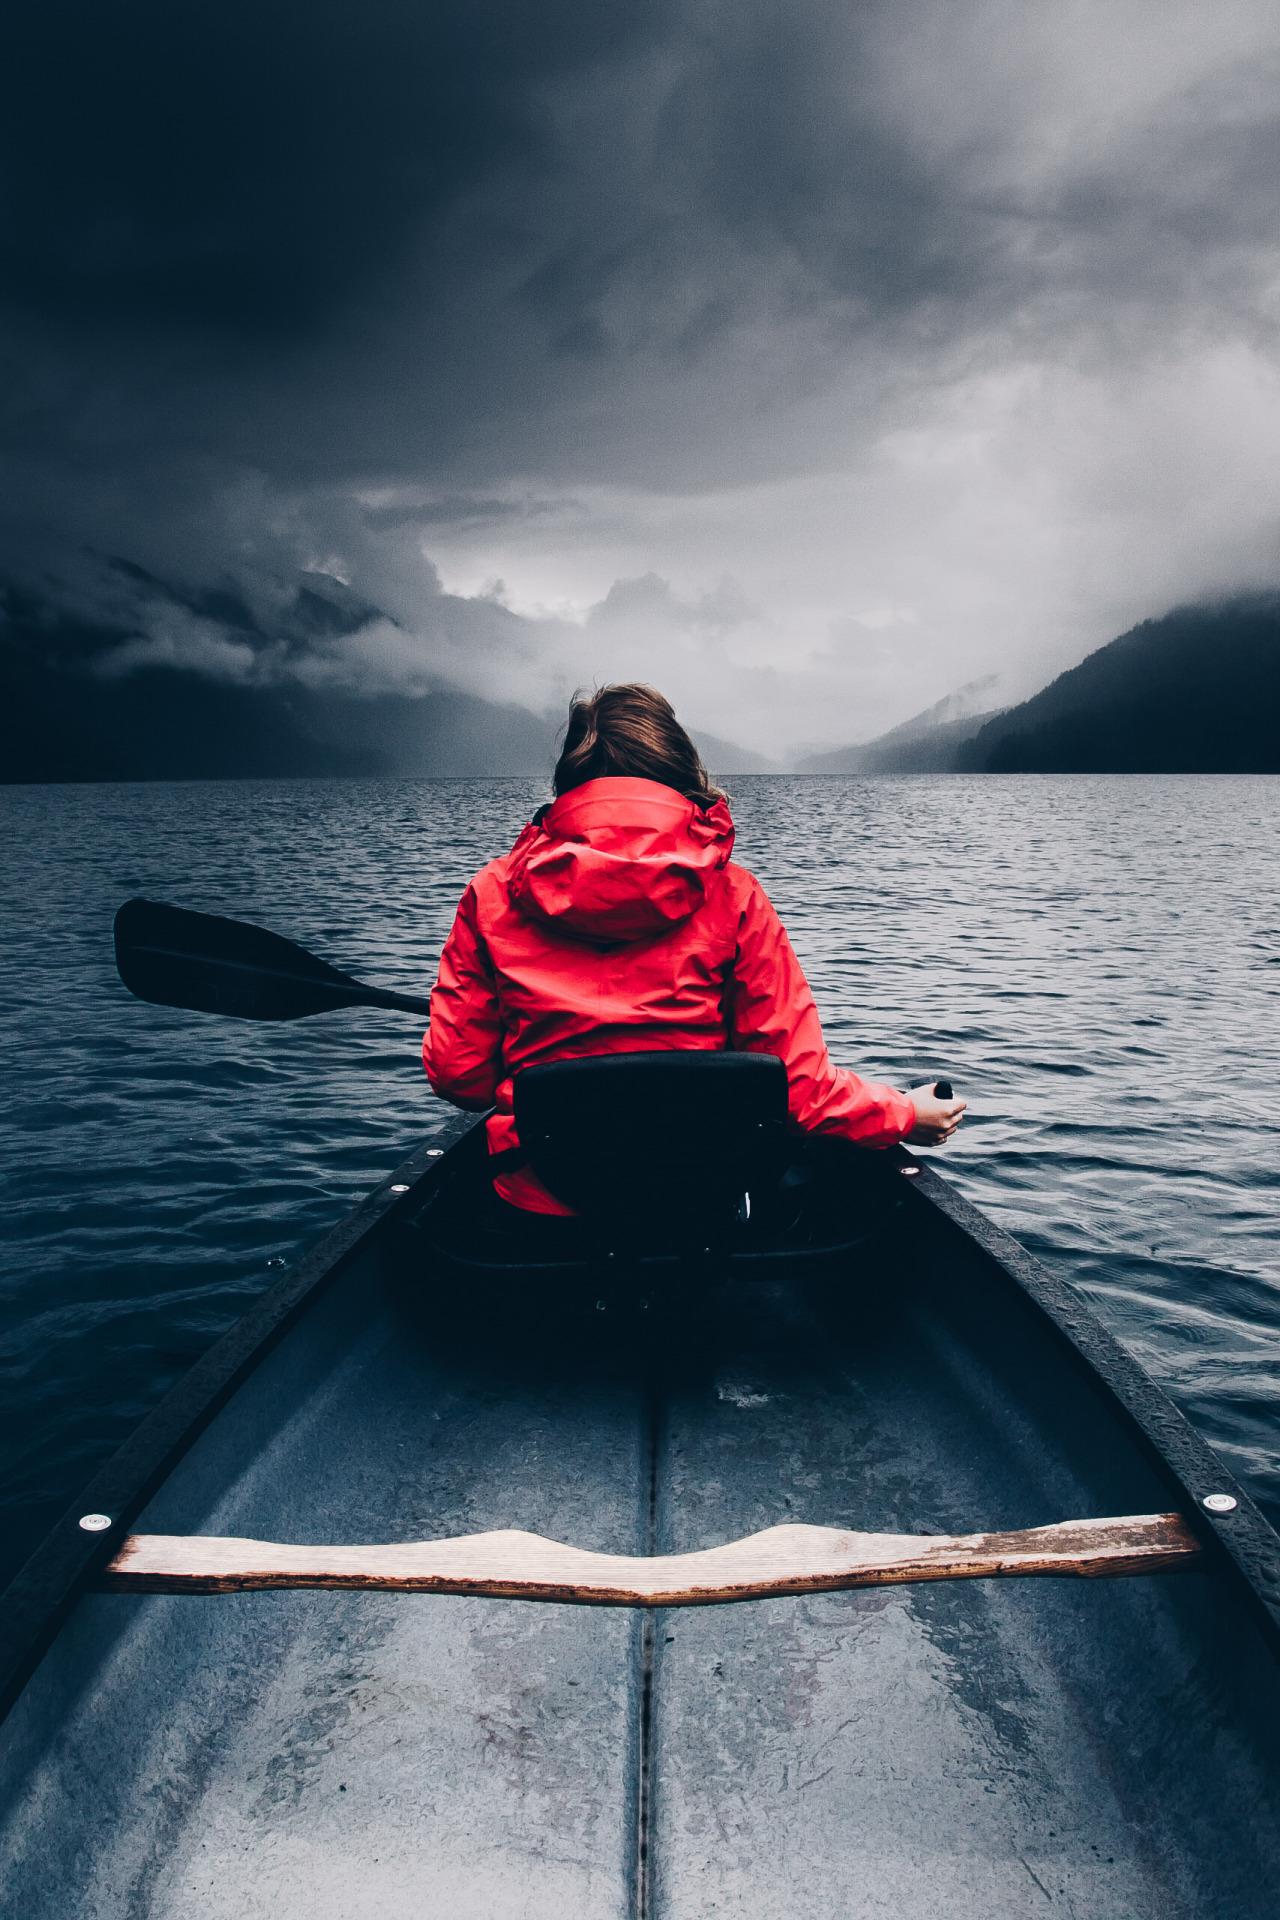 paddle oar boat canoe kayak vessel small water sea ocean